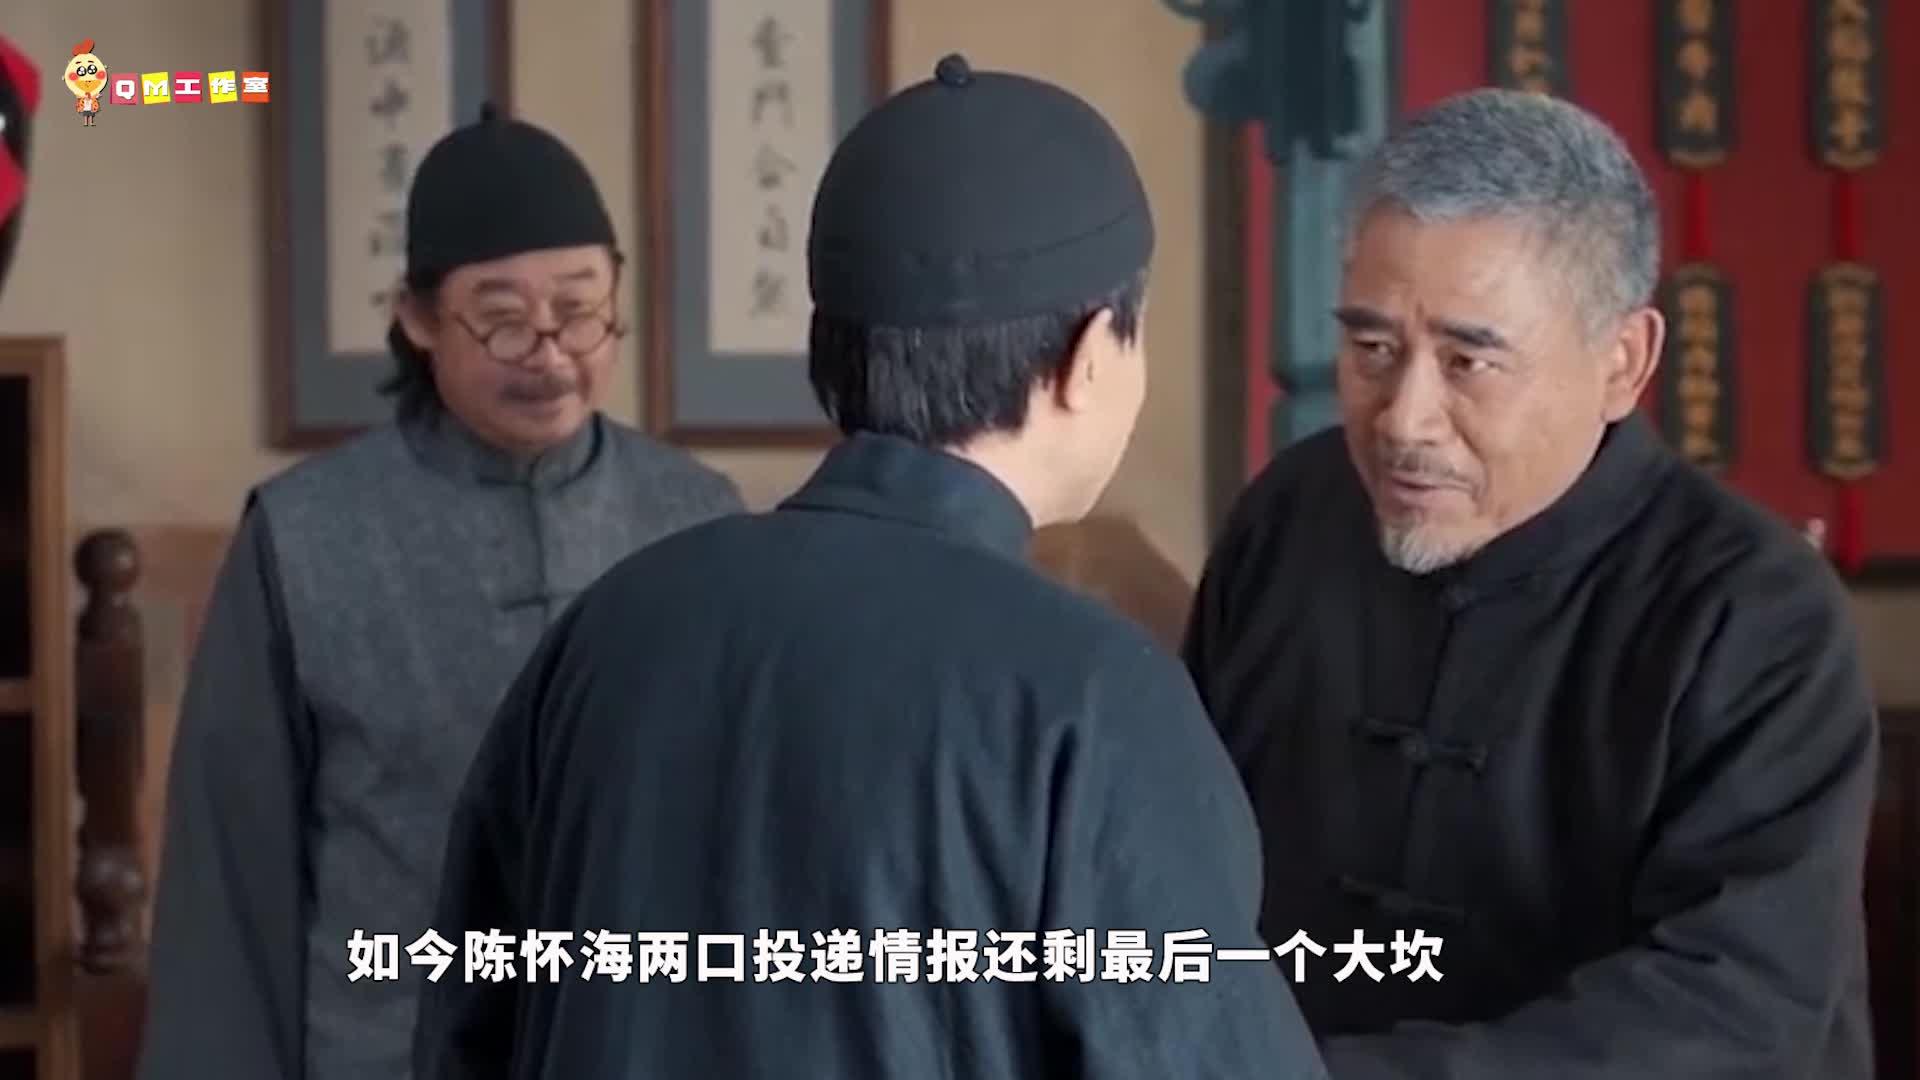 《老酒馆》结局剧透:日本投降小尊嫁给桦子却喜事变丧事